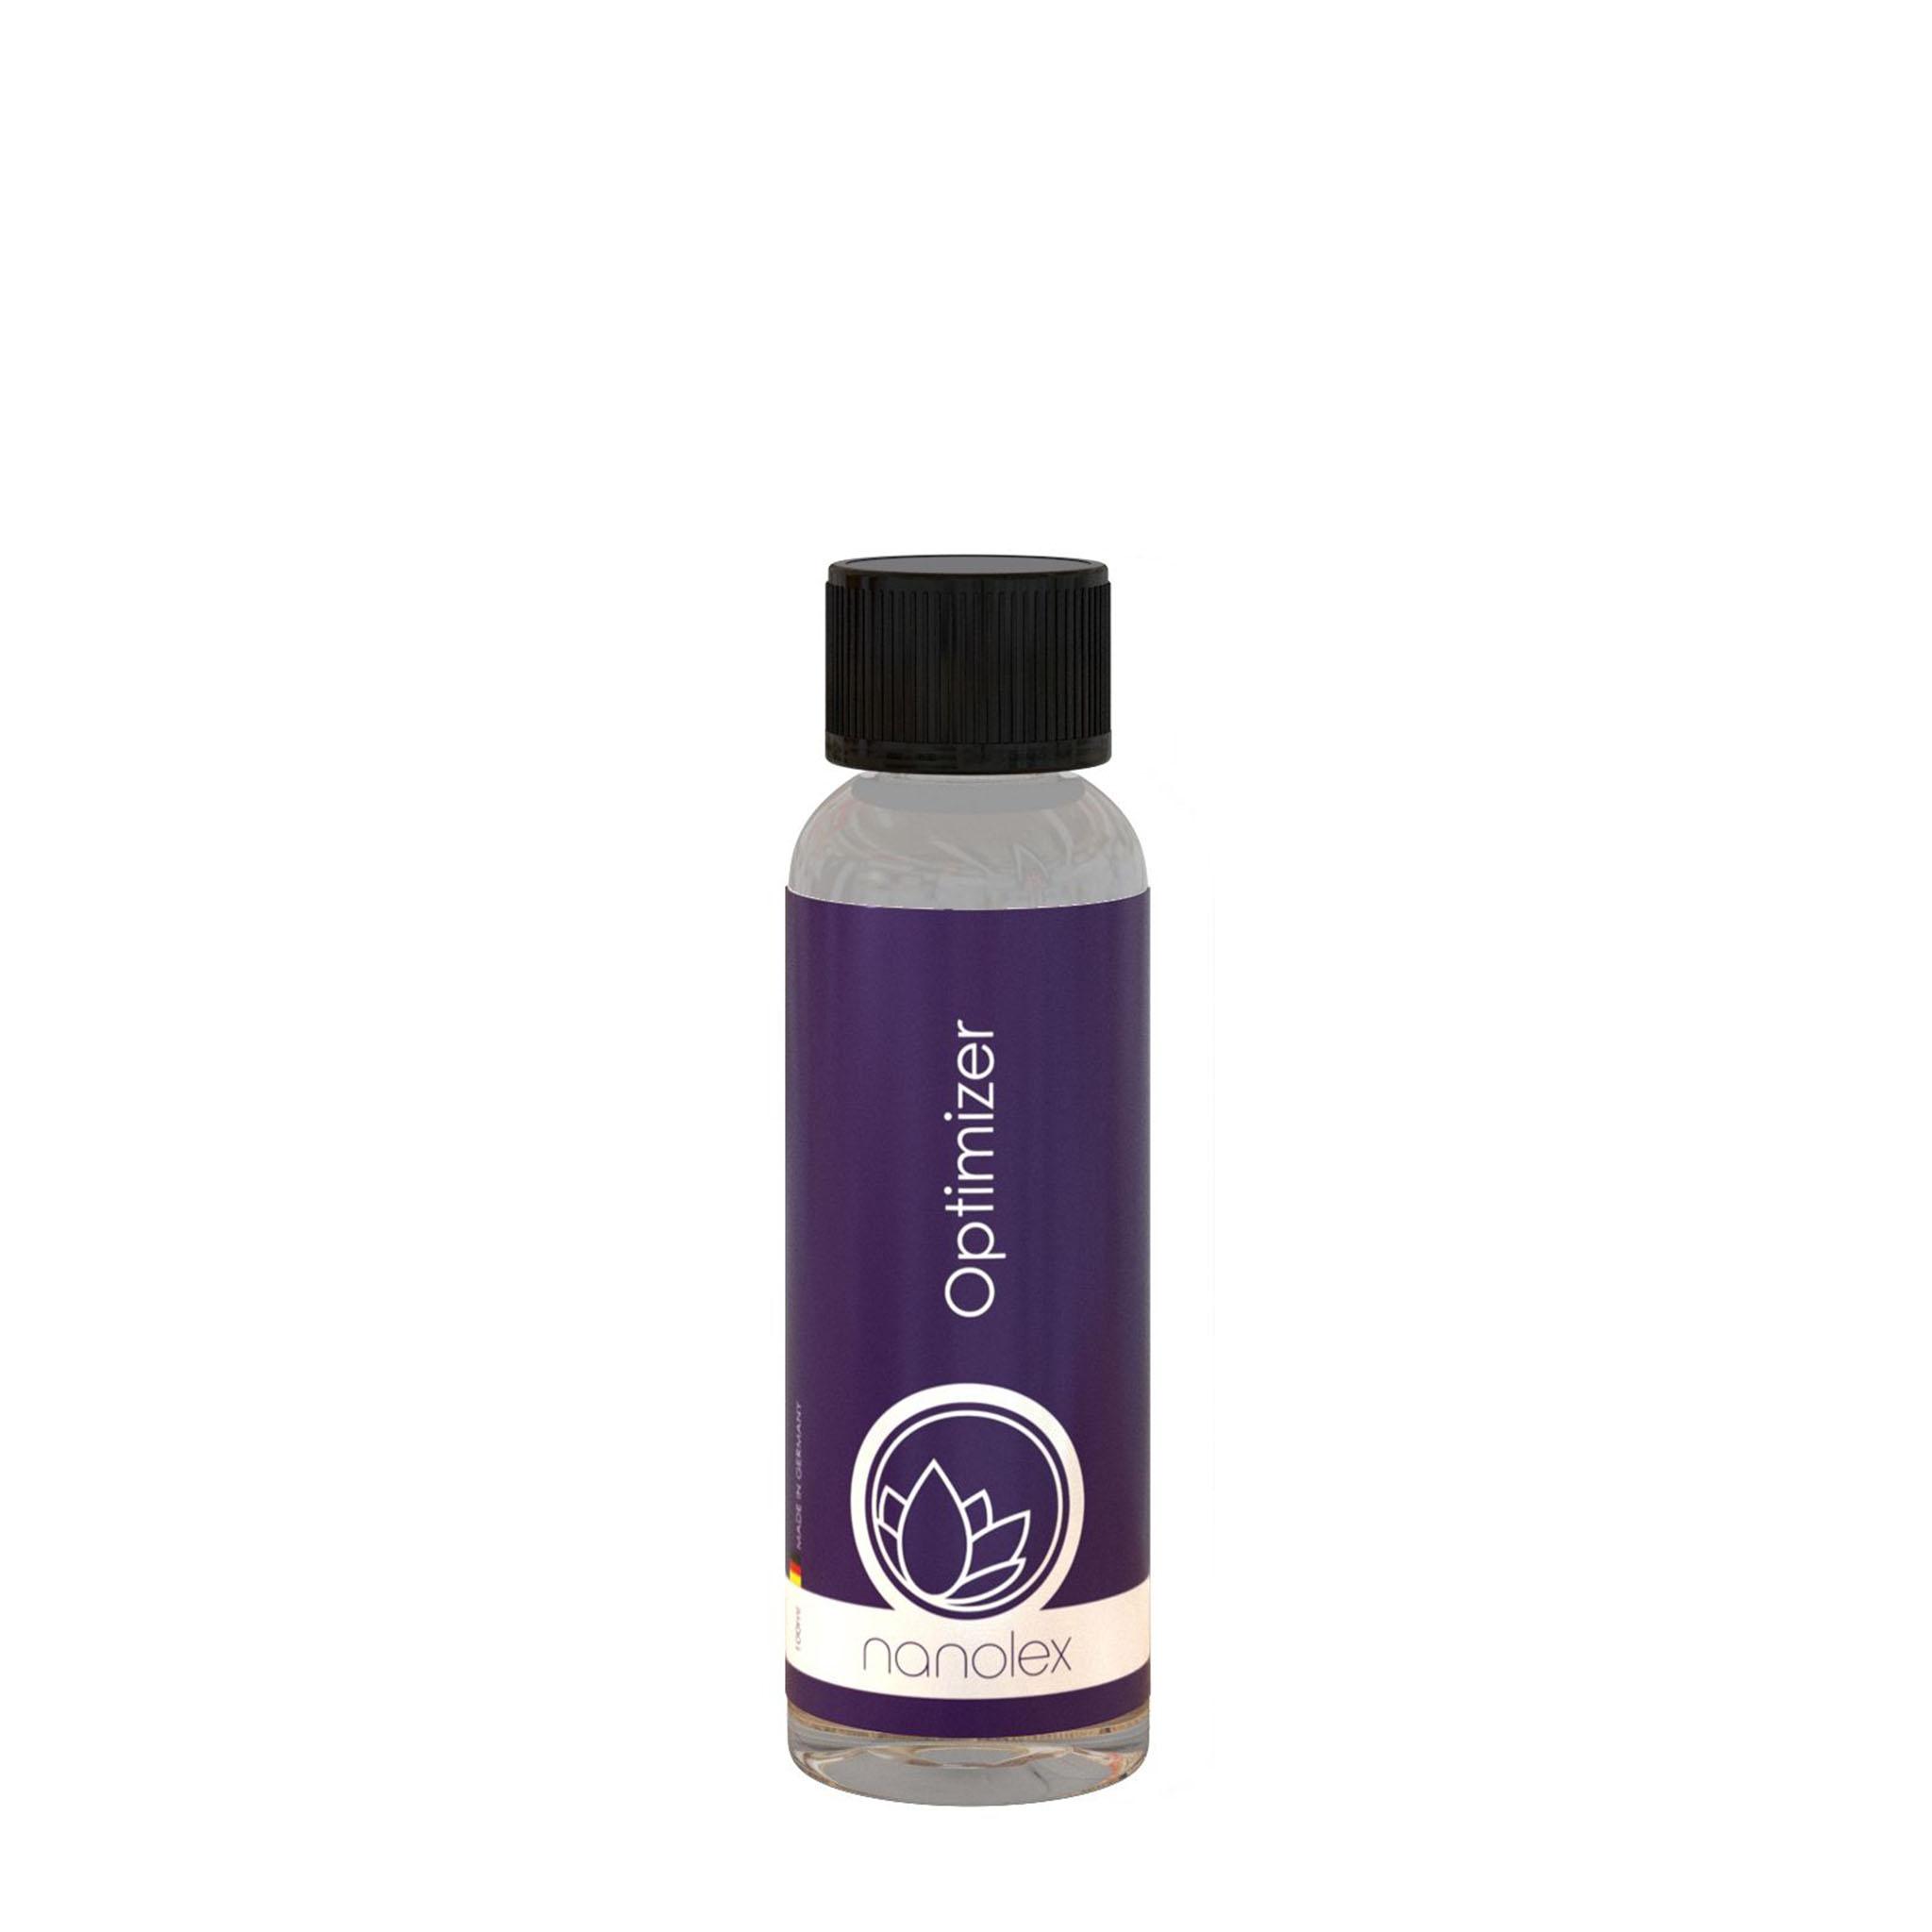 Efterbehandlingsmedel Nanolex Optimizer, 100 ml